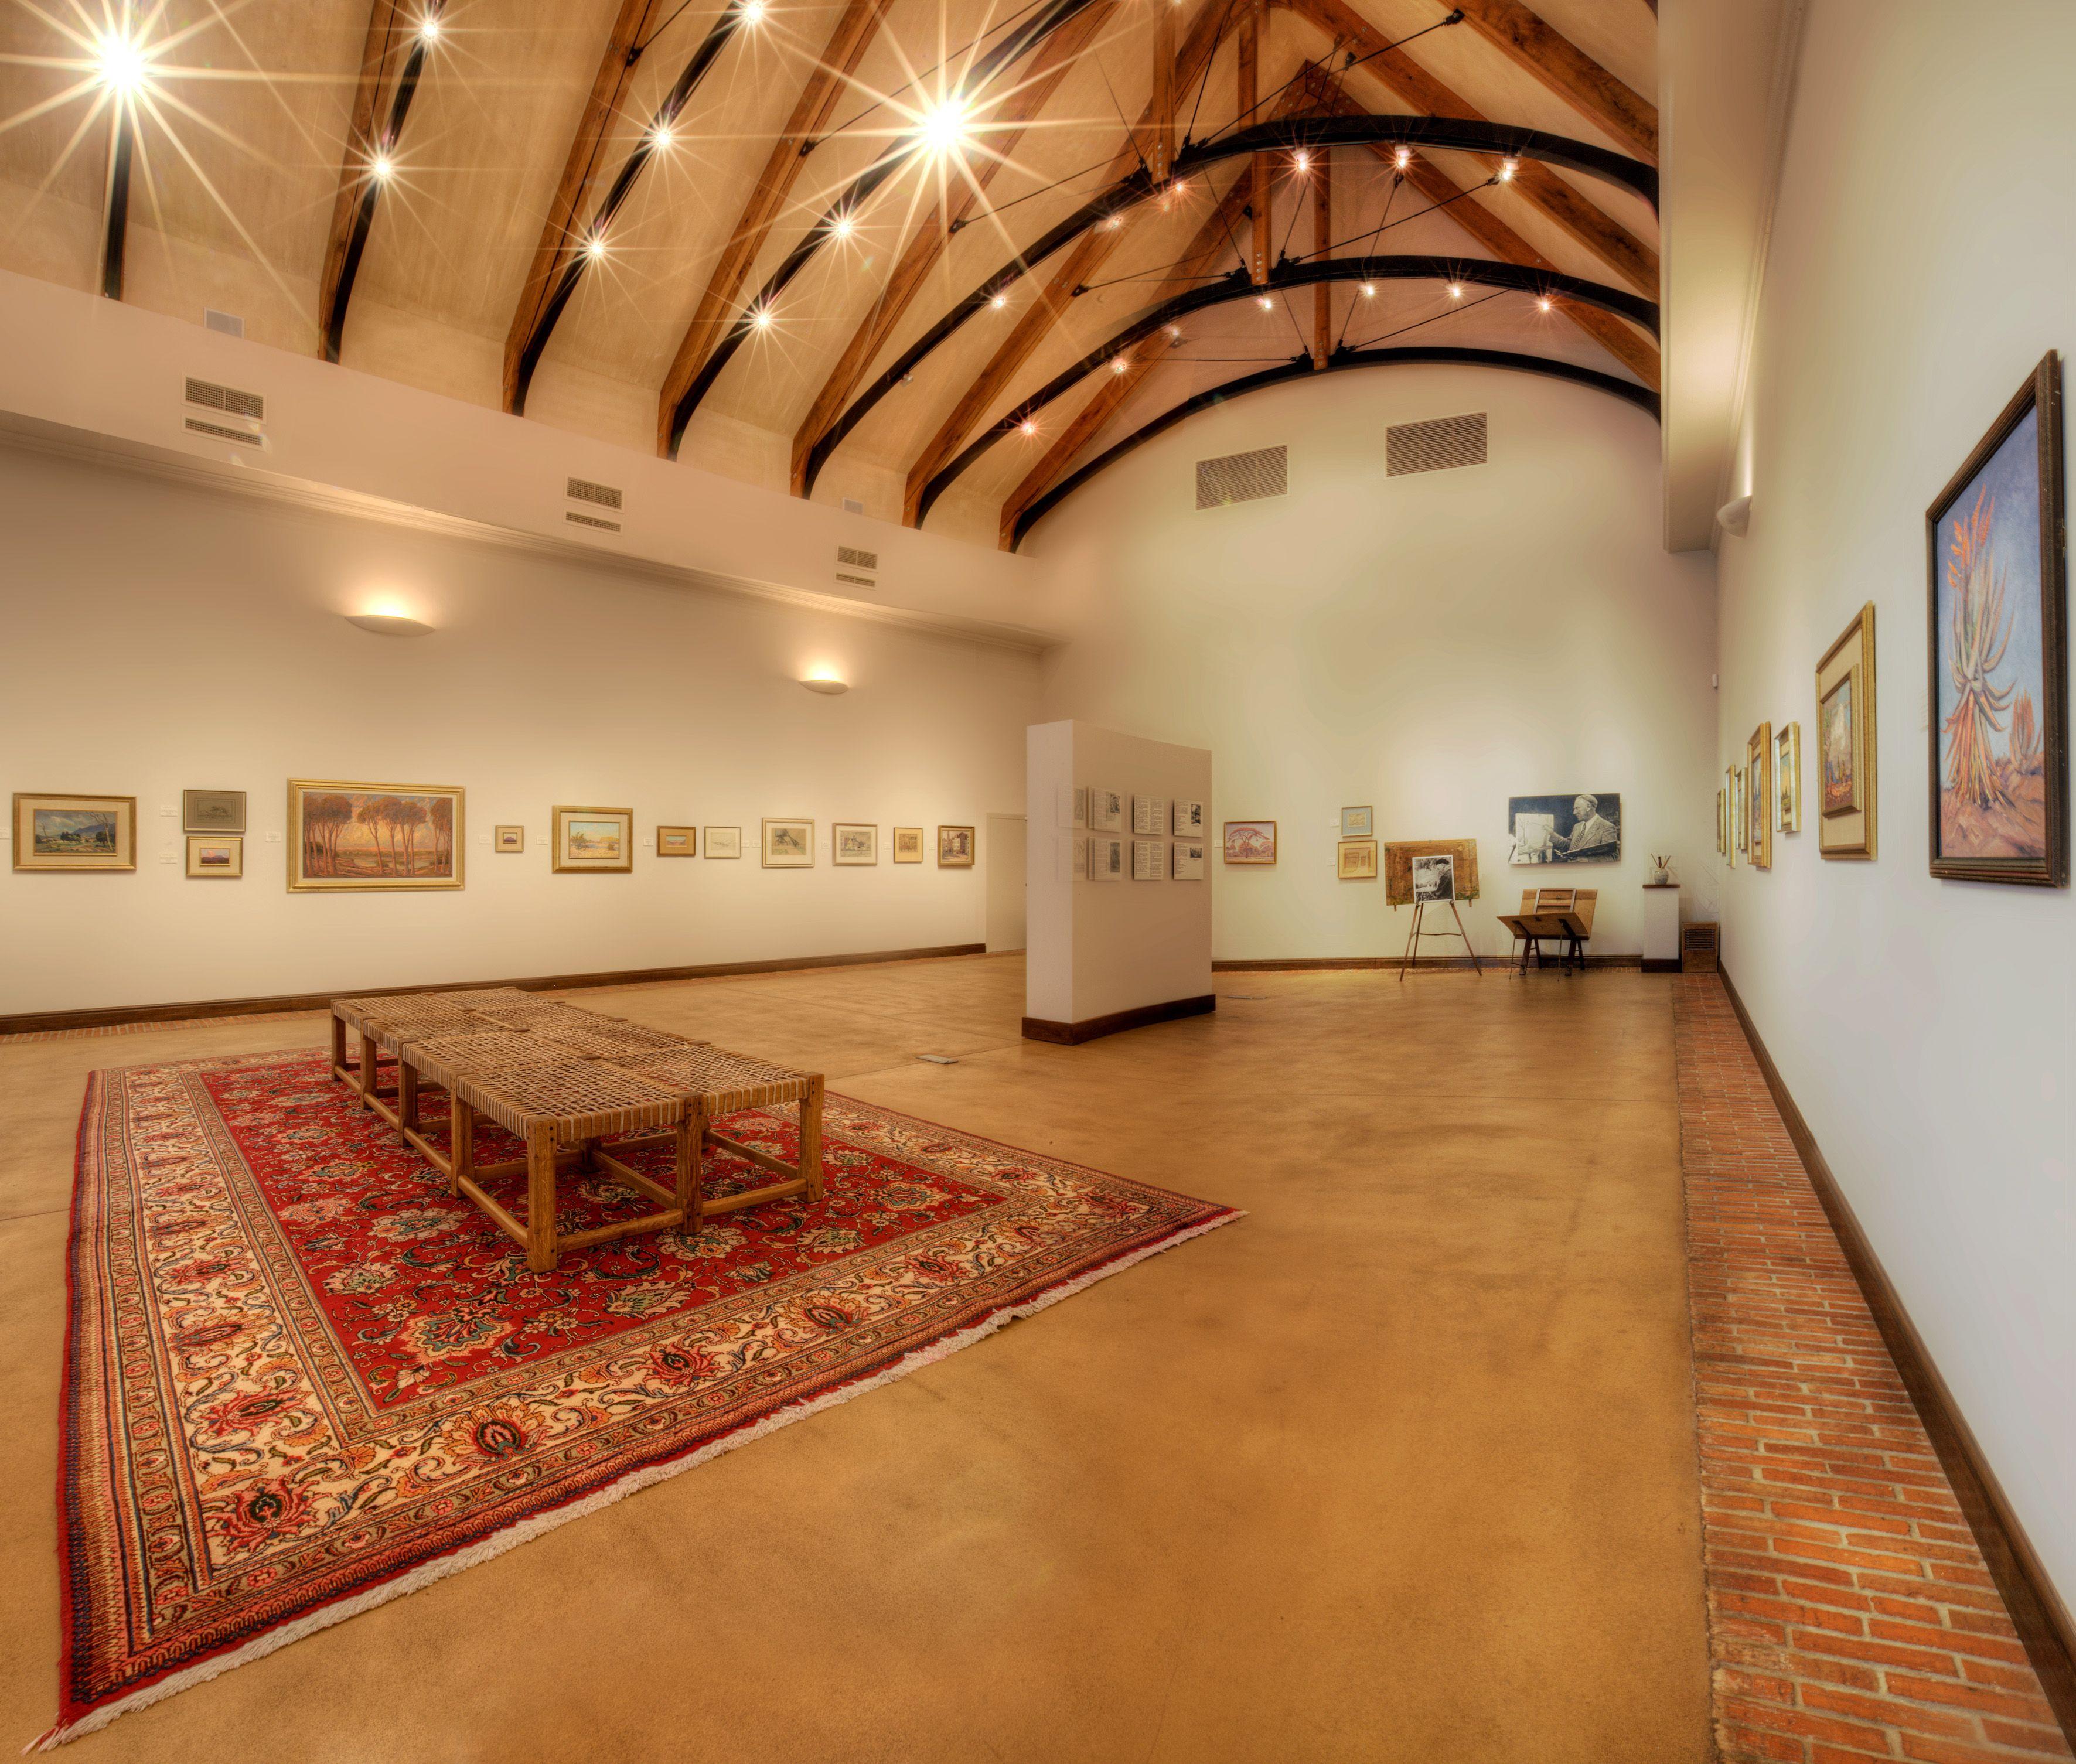 La Motte Museum Pierneef Exhibition Art History Lamotte Franschhoek Museum Patio Design Culture Art